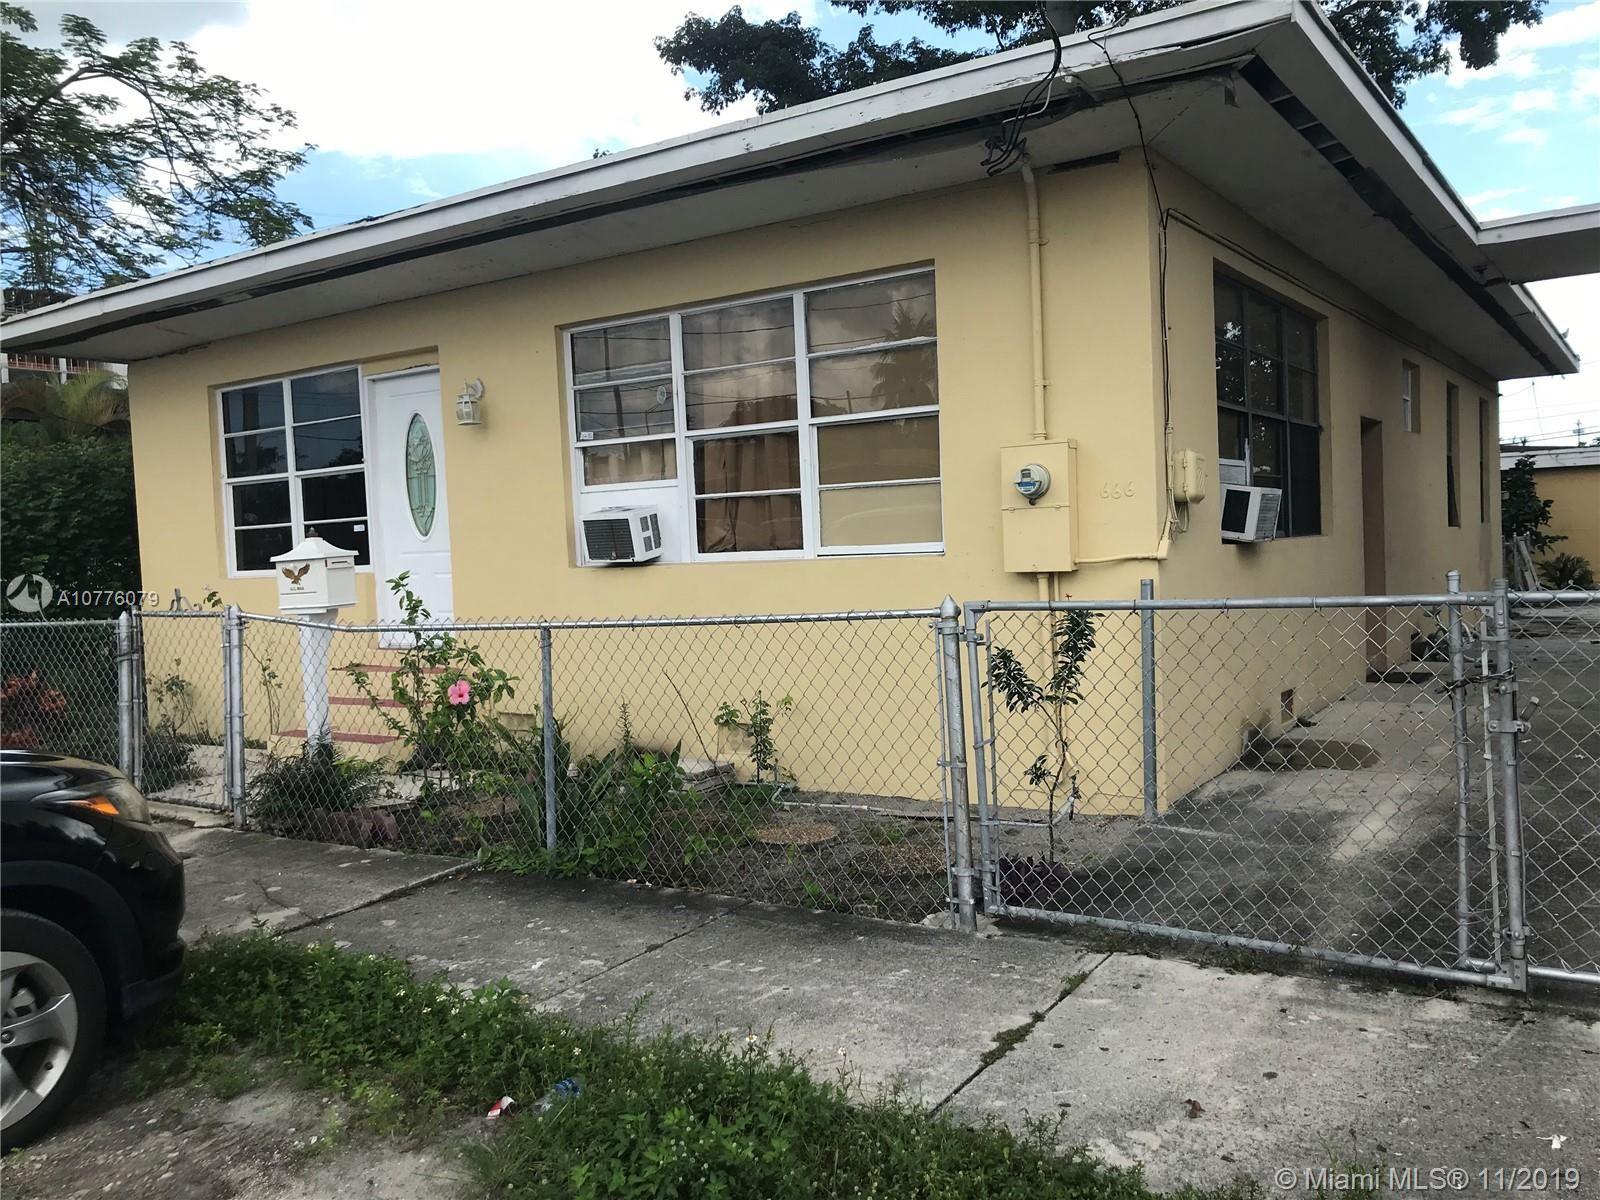 666 NW 28 St, Miami, FL 33127 - MLS#: A10776079